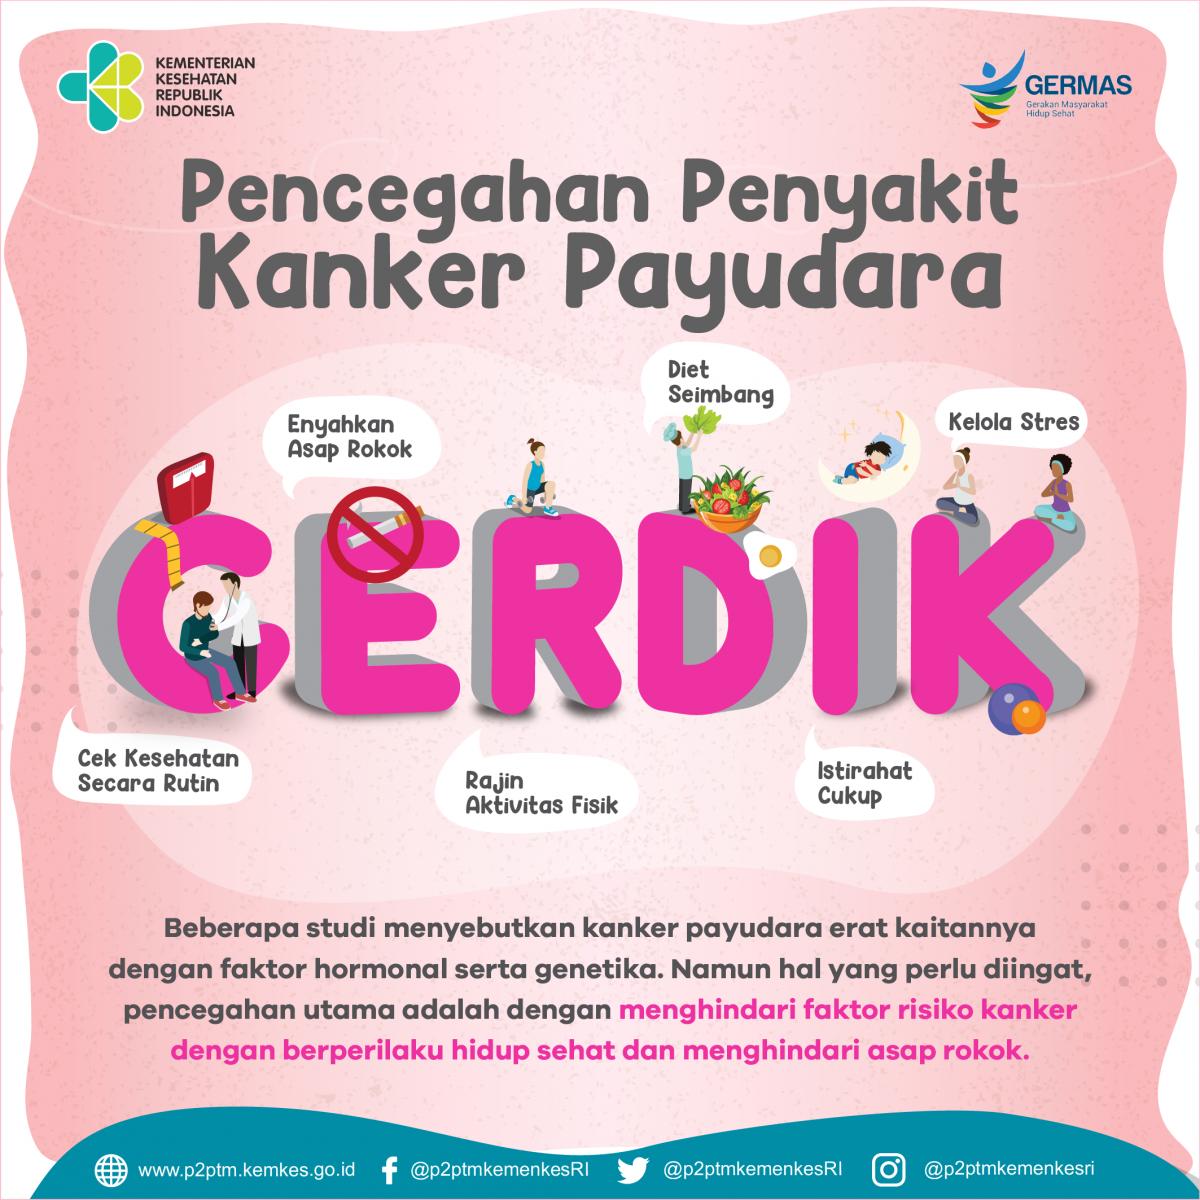 Pencegahan Penyakit Kanker Payudara dengan CERDIK. Apa itu ...